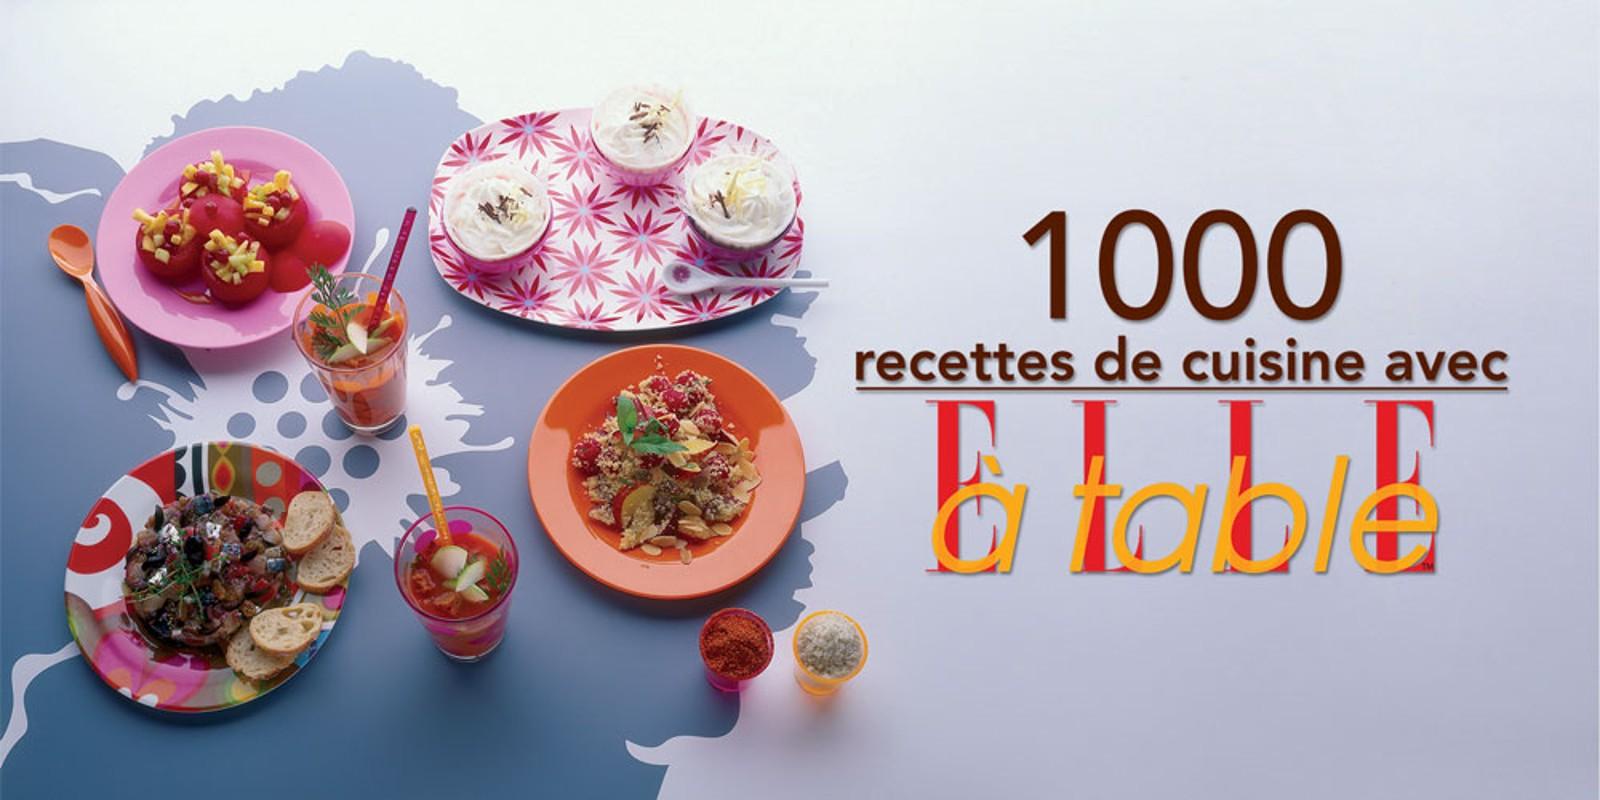 1 000 recettes de cuisine avec elle table nintendo ds for Cuisine ds